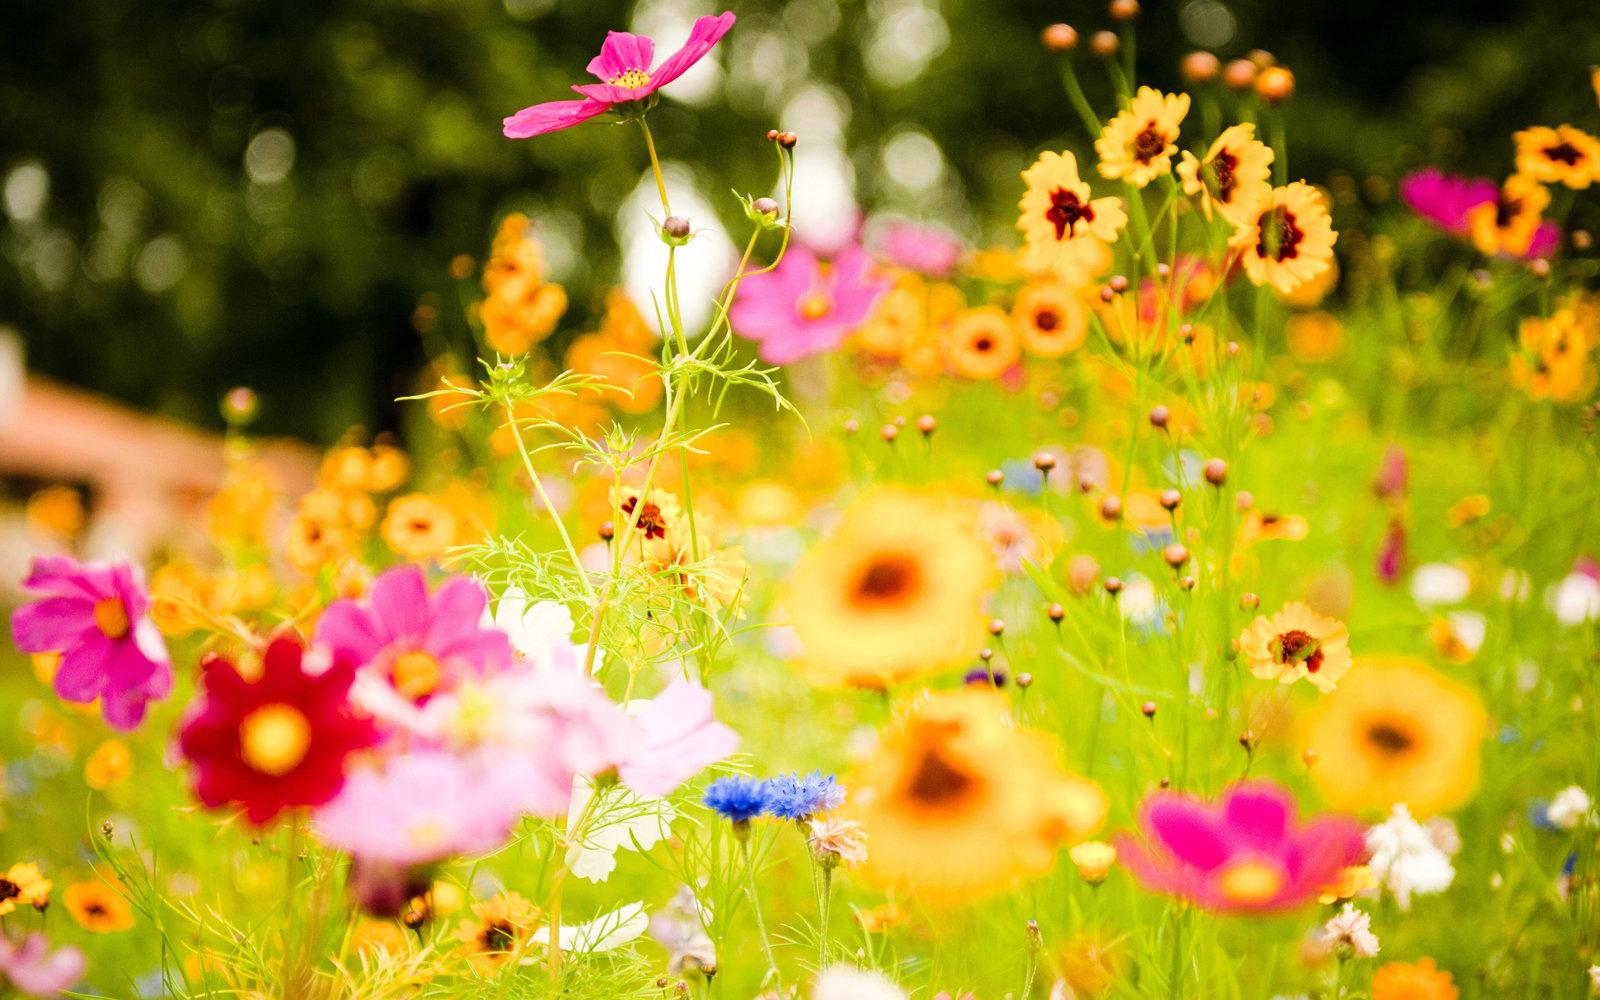 vivid_flowers-wide.jpg